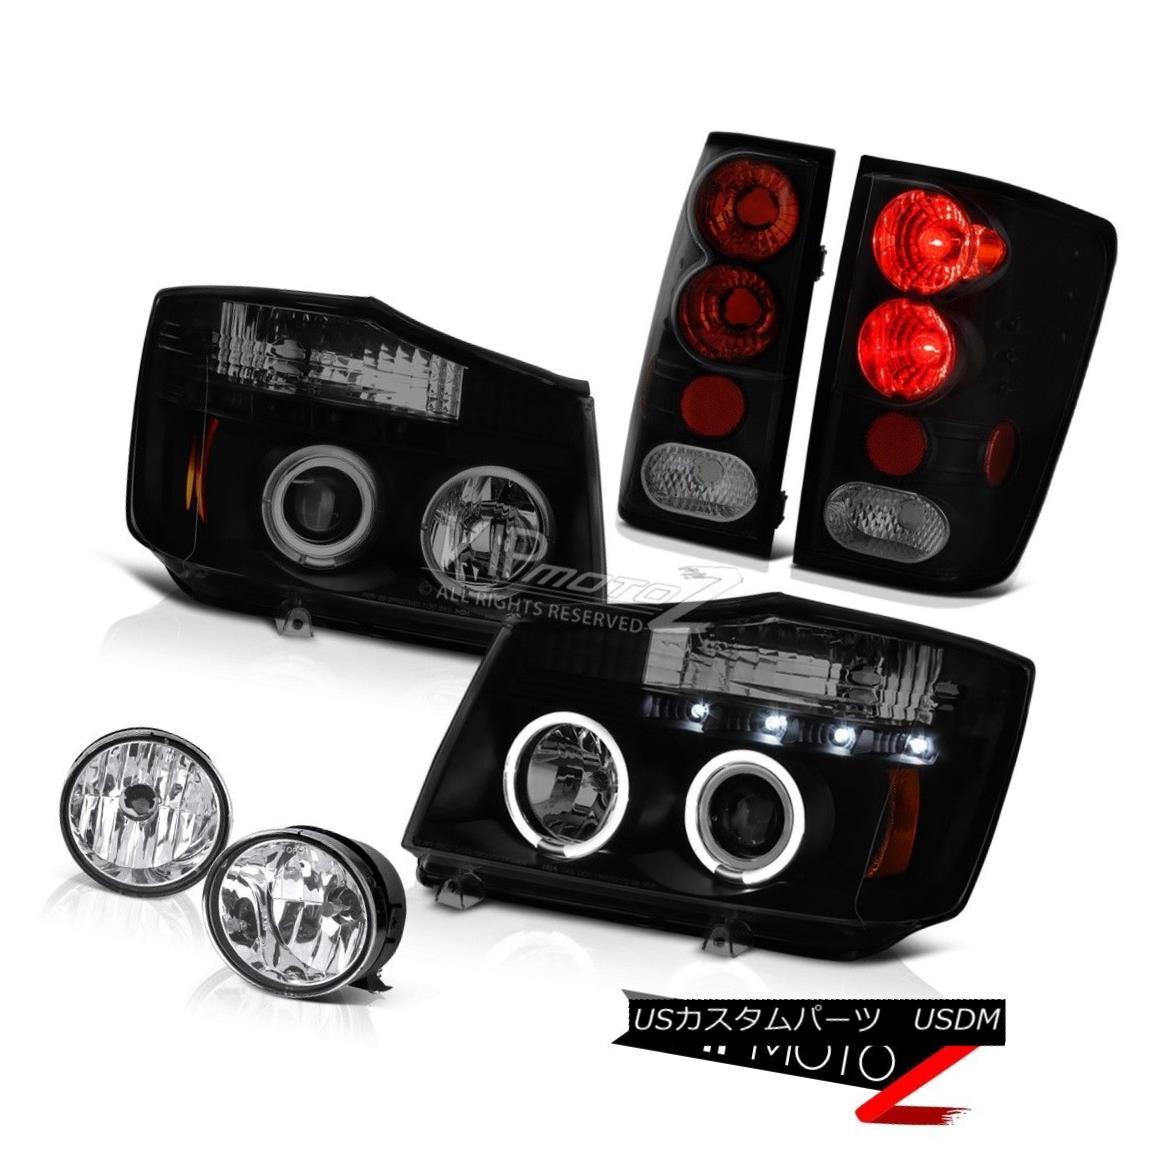 テールライト For 04-15 Titan Pro-4X Headlight Halo LED Dark Smoke Tail Lights Chrome Foglamp 04-15 Titan Pro-4XヘッドライトHalo用LED暗煙テールライトChrome Foglamp